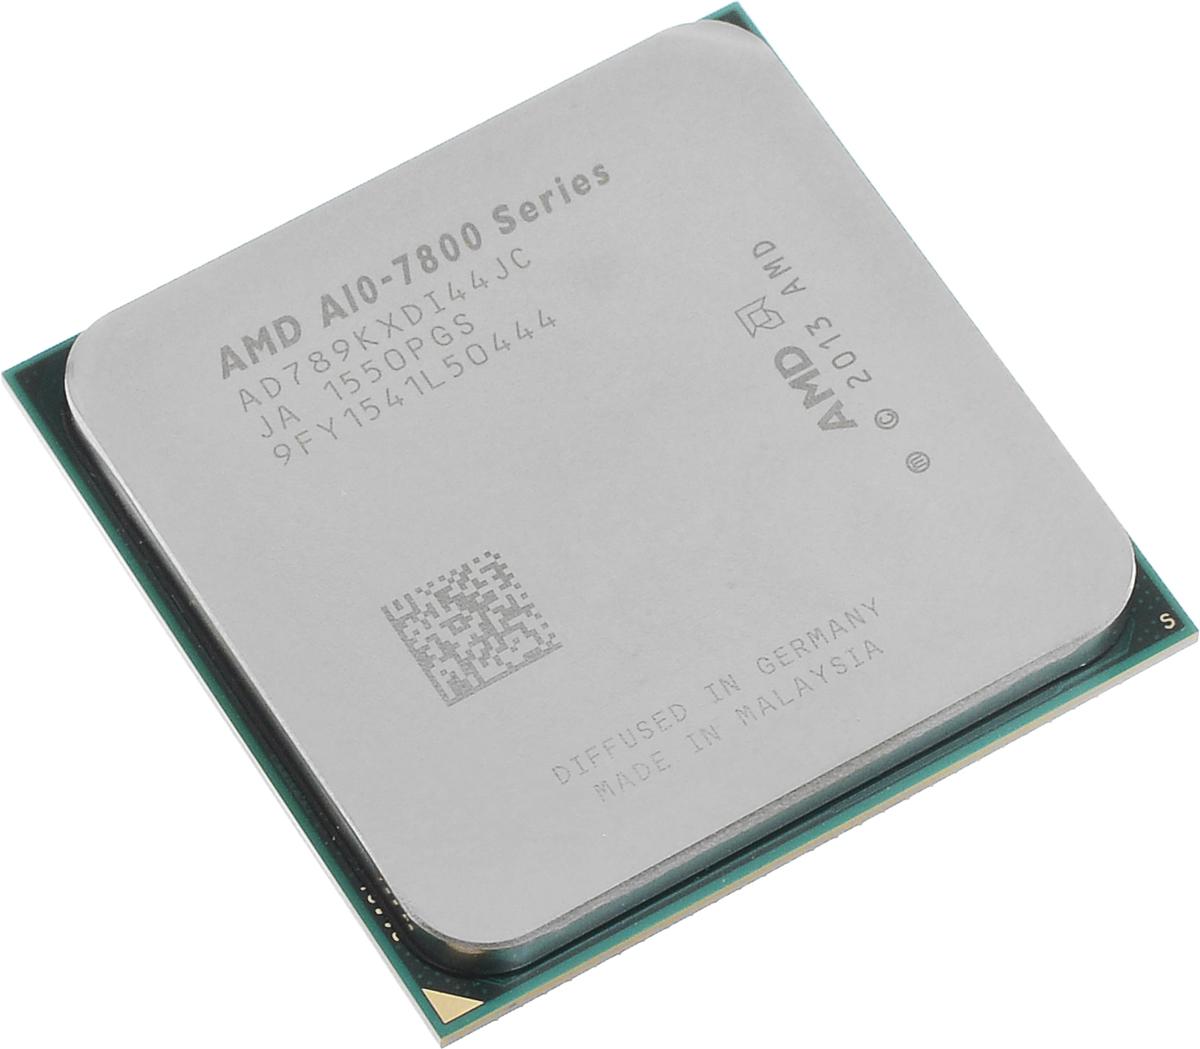 AMD A10-7890K процессор (AD789KXDI44JC)AD789KXDI44JCПроцессор AMD A10-7890K со встроенным видеоядром Radeon R7 подойдет для настольных персональных компьютеров, основанных на платформе AMD. Данная модель имеет разблокированный множитель, а также встроенный двухканальный контроллер памяти DDR3.